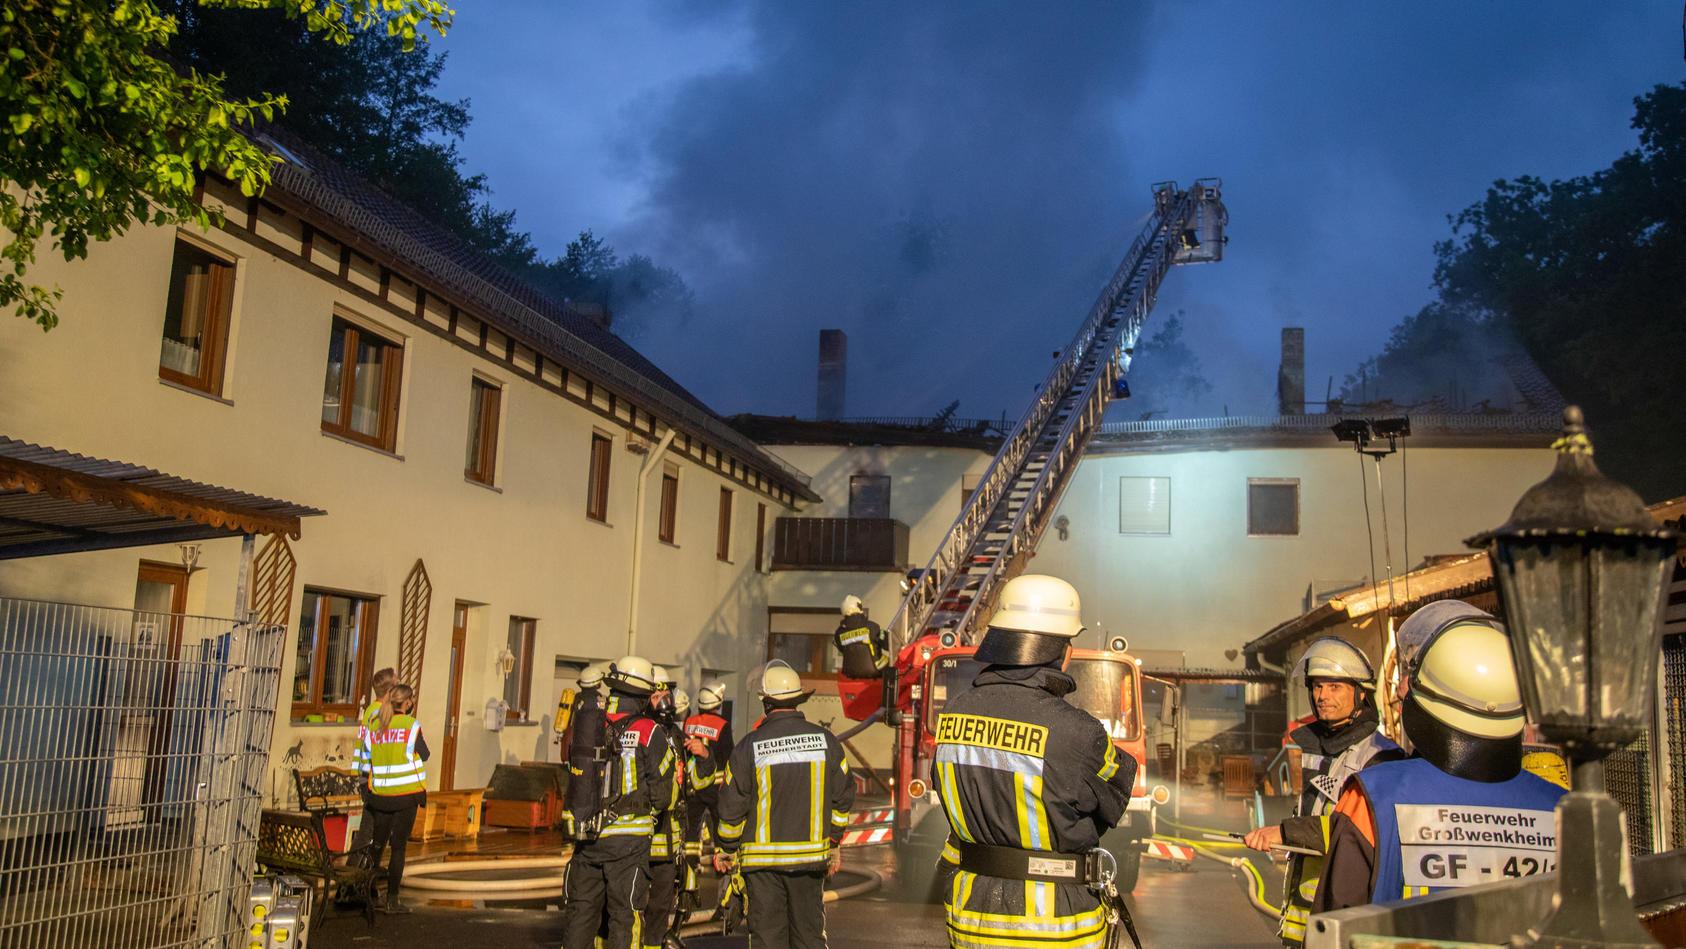 Das Tierheim in Münnerstadt brannte in der Nacht von Mittwoch auf Donnerstag.